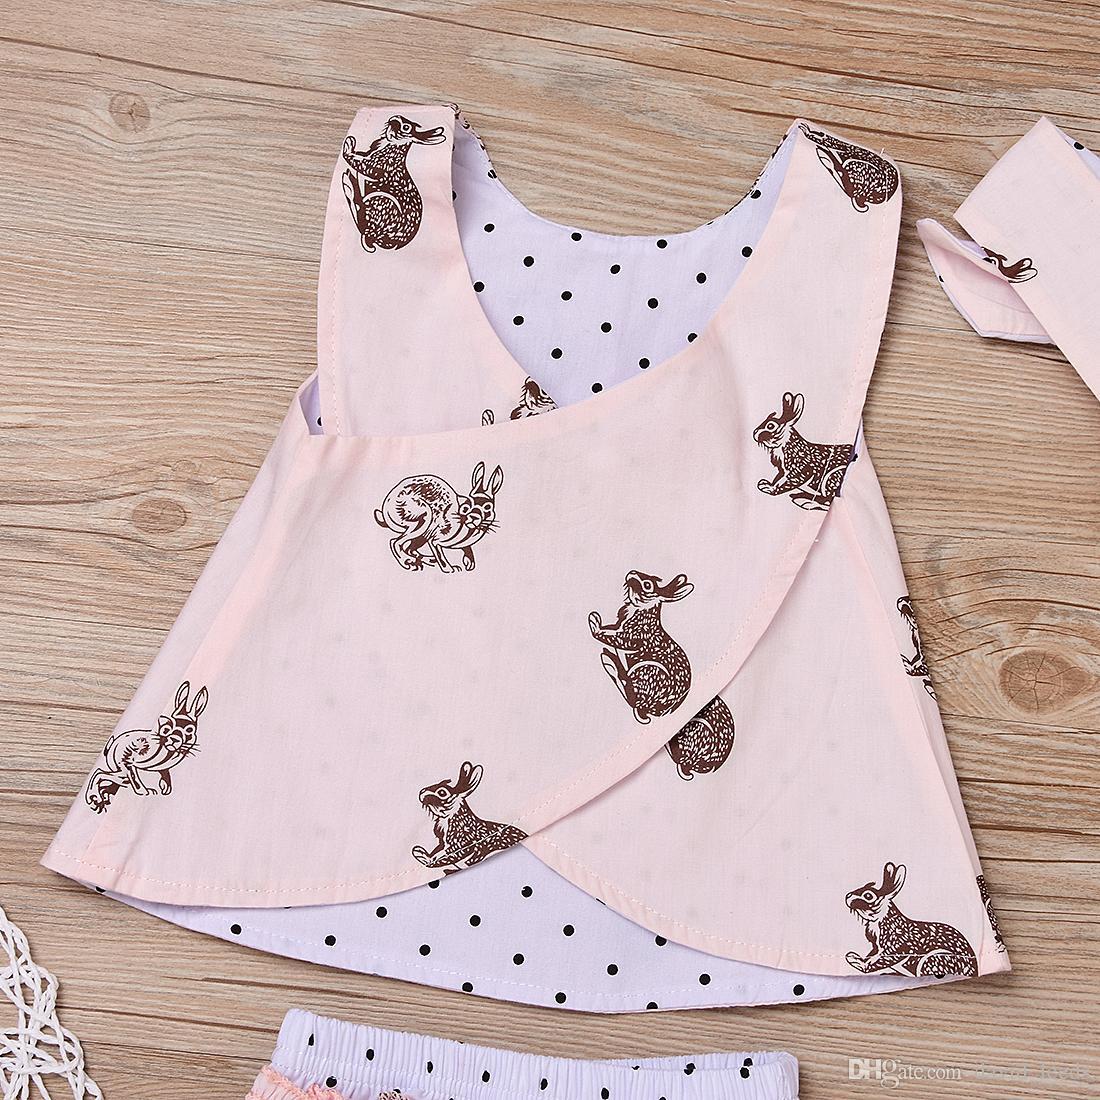 여름 새 아기 여자 의상 유아용 토끼 민소매 가슴 십자가 + 폴카 도트 반바지 + 머리띠 세트 여자 의류 세트 아동복